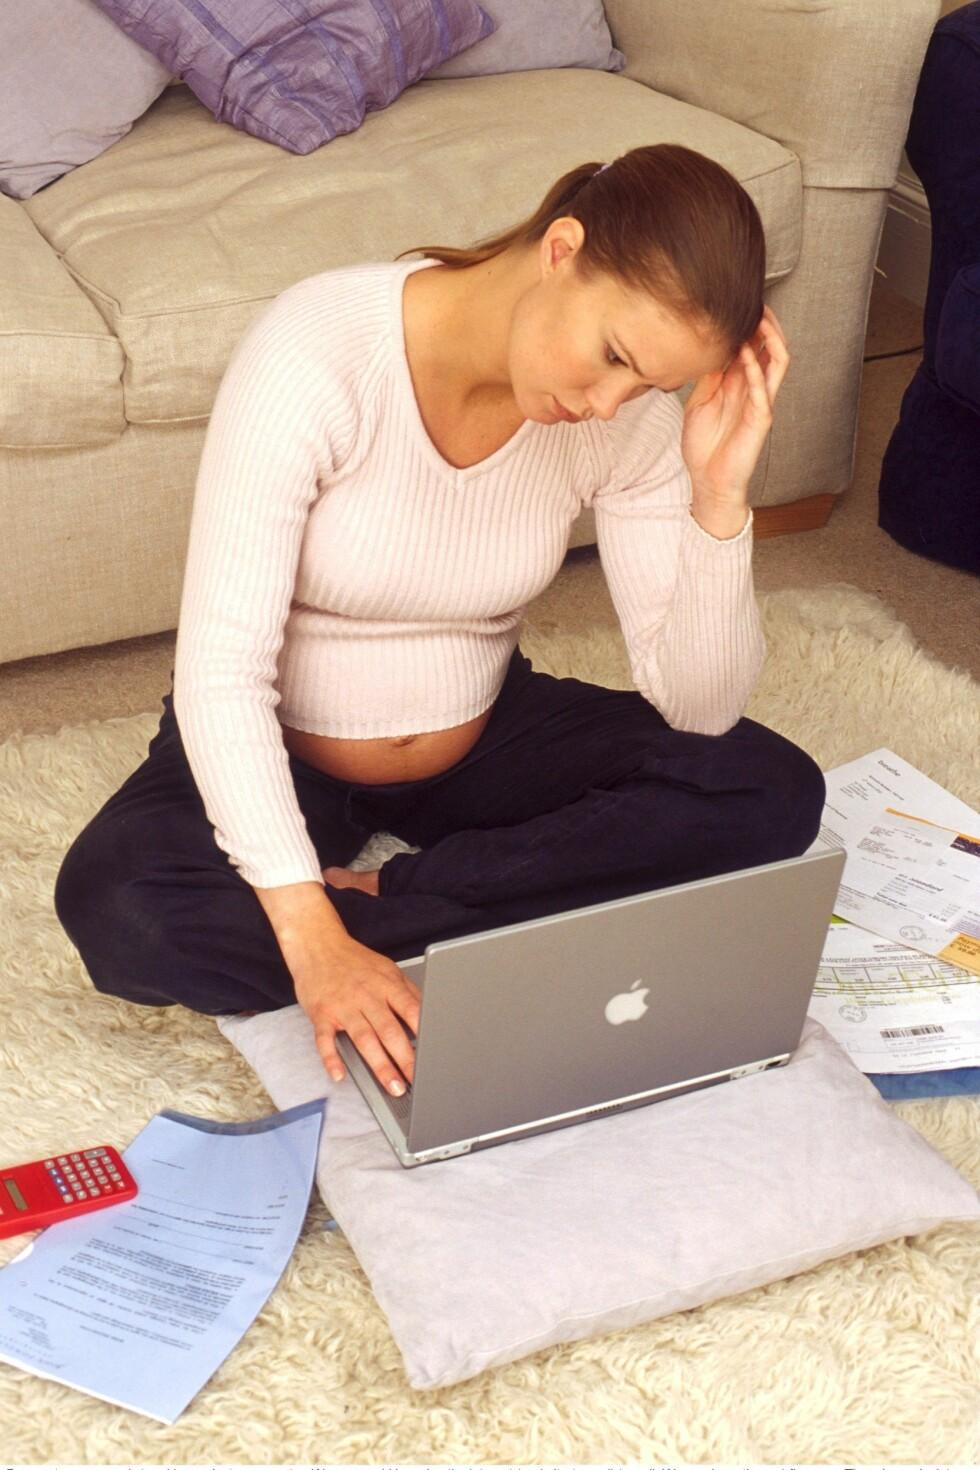 Stadig flere kvinner sykmeldes i løpet av svangerskapet, og mange av dem mener at det kunne vært unngått dersom arbeidsgiver hadde lagt forholdene bedre til rette.